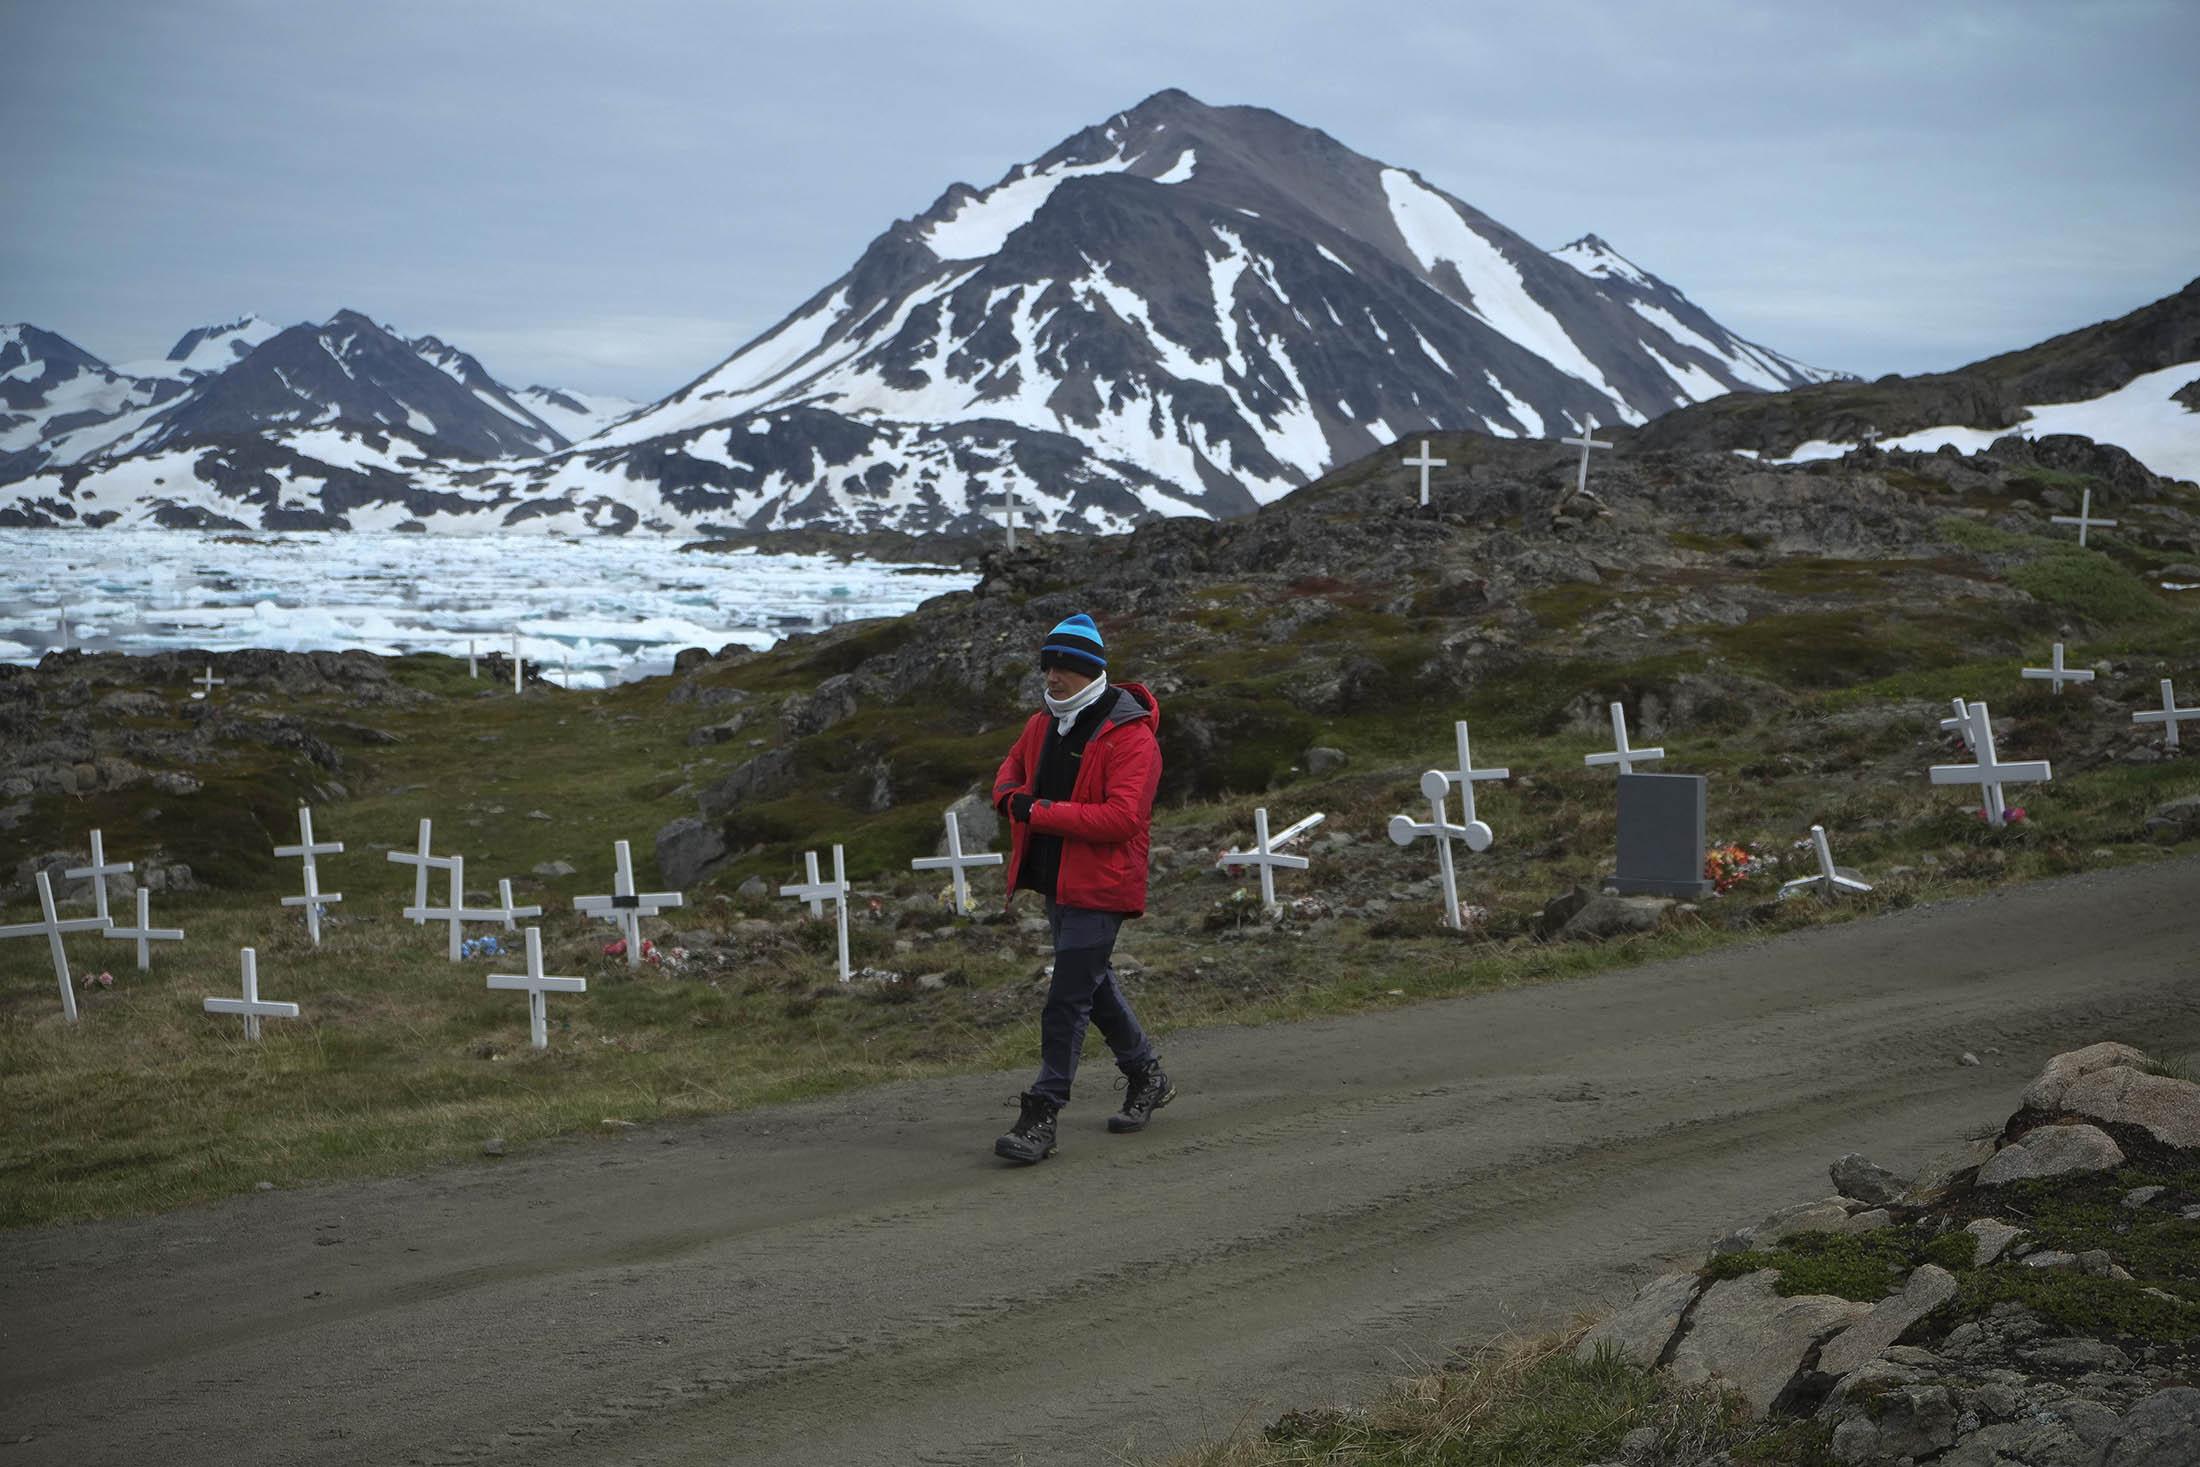 El cantante Alejandro Sanz, miembro de la expedición #SalvaelÁrtico, en el primer día de ruta en Kulusuk.